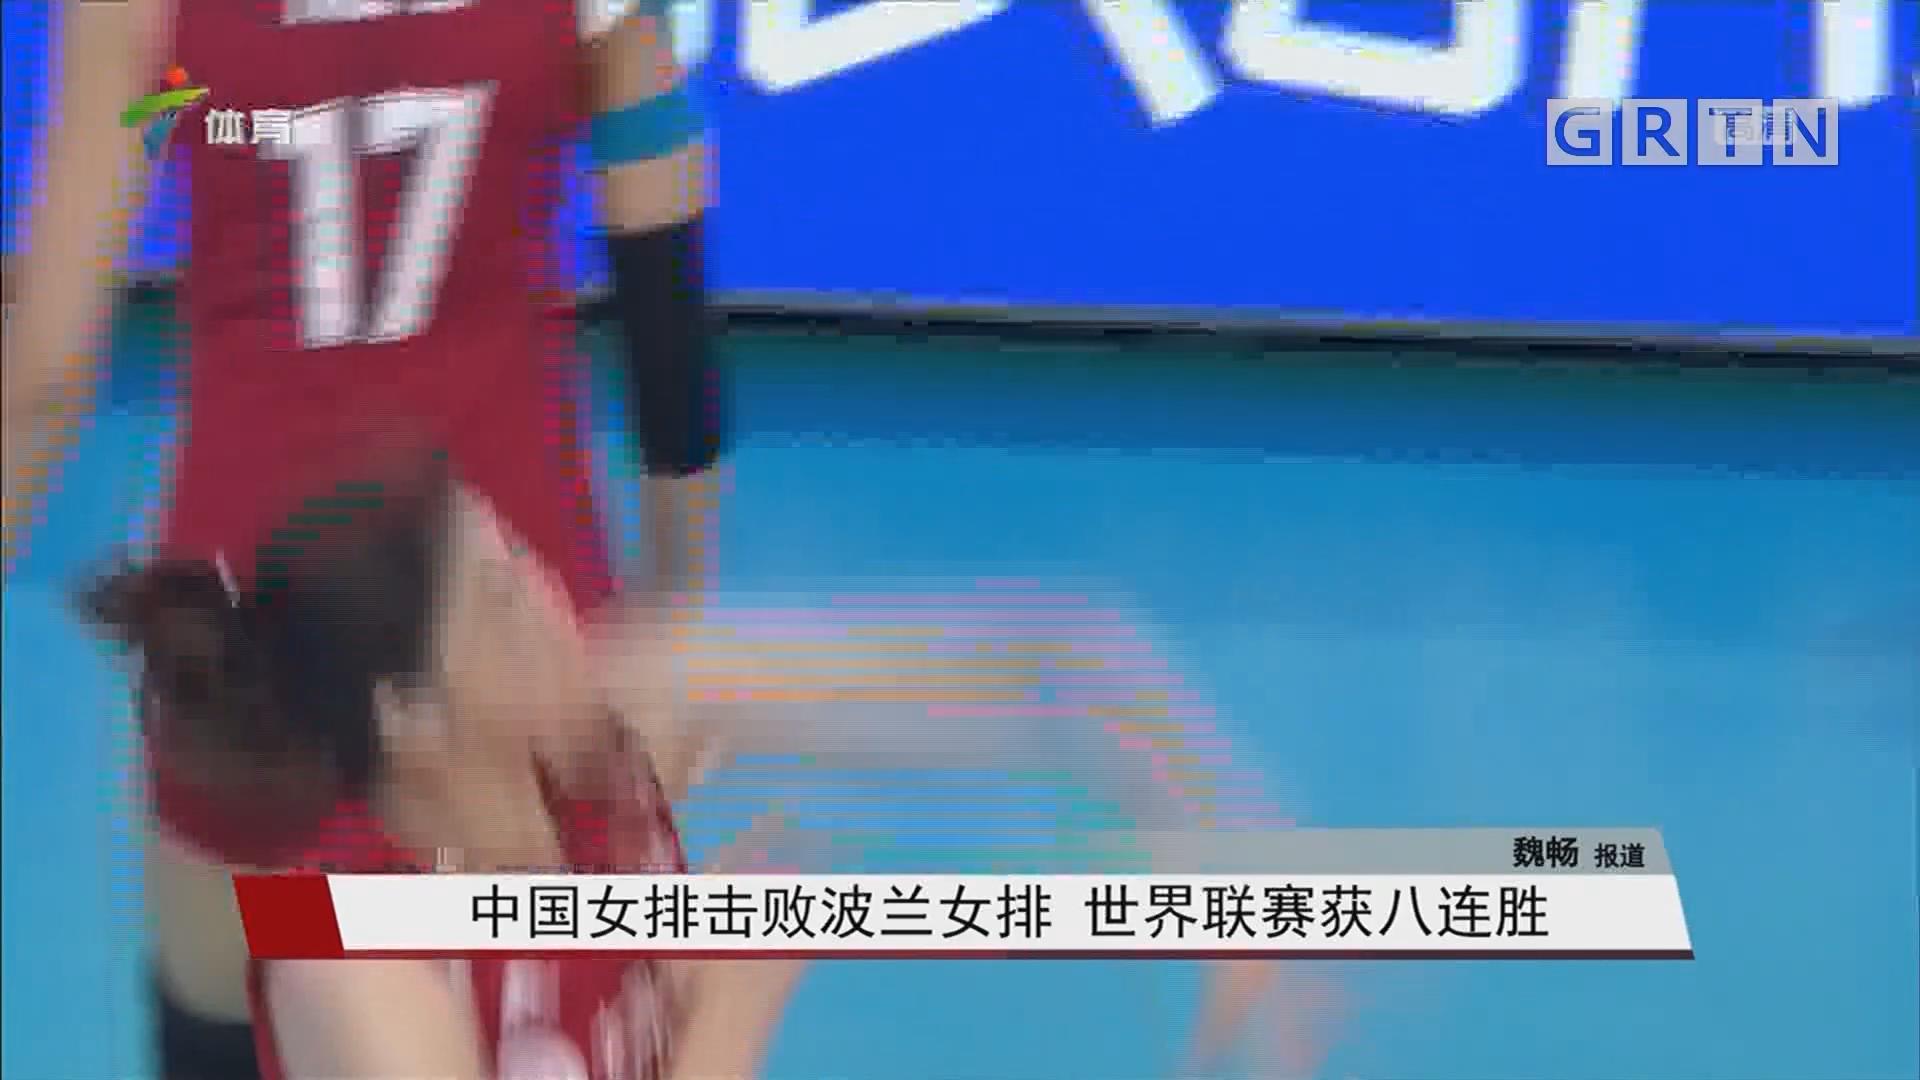 中国女排击败波兰女排 世界联赛获八连胜